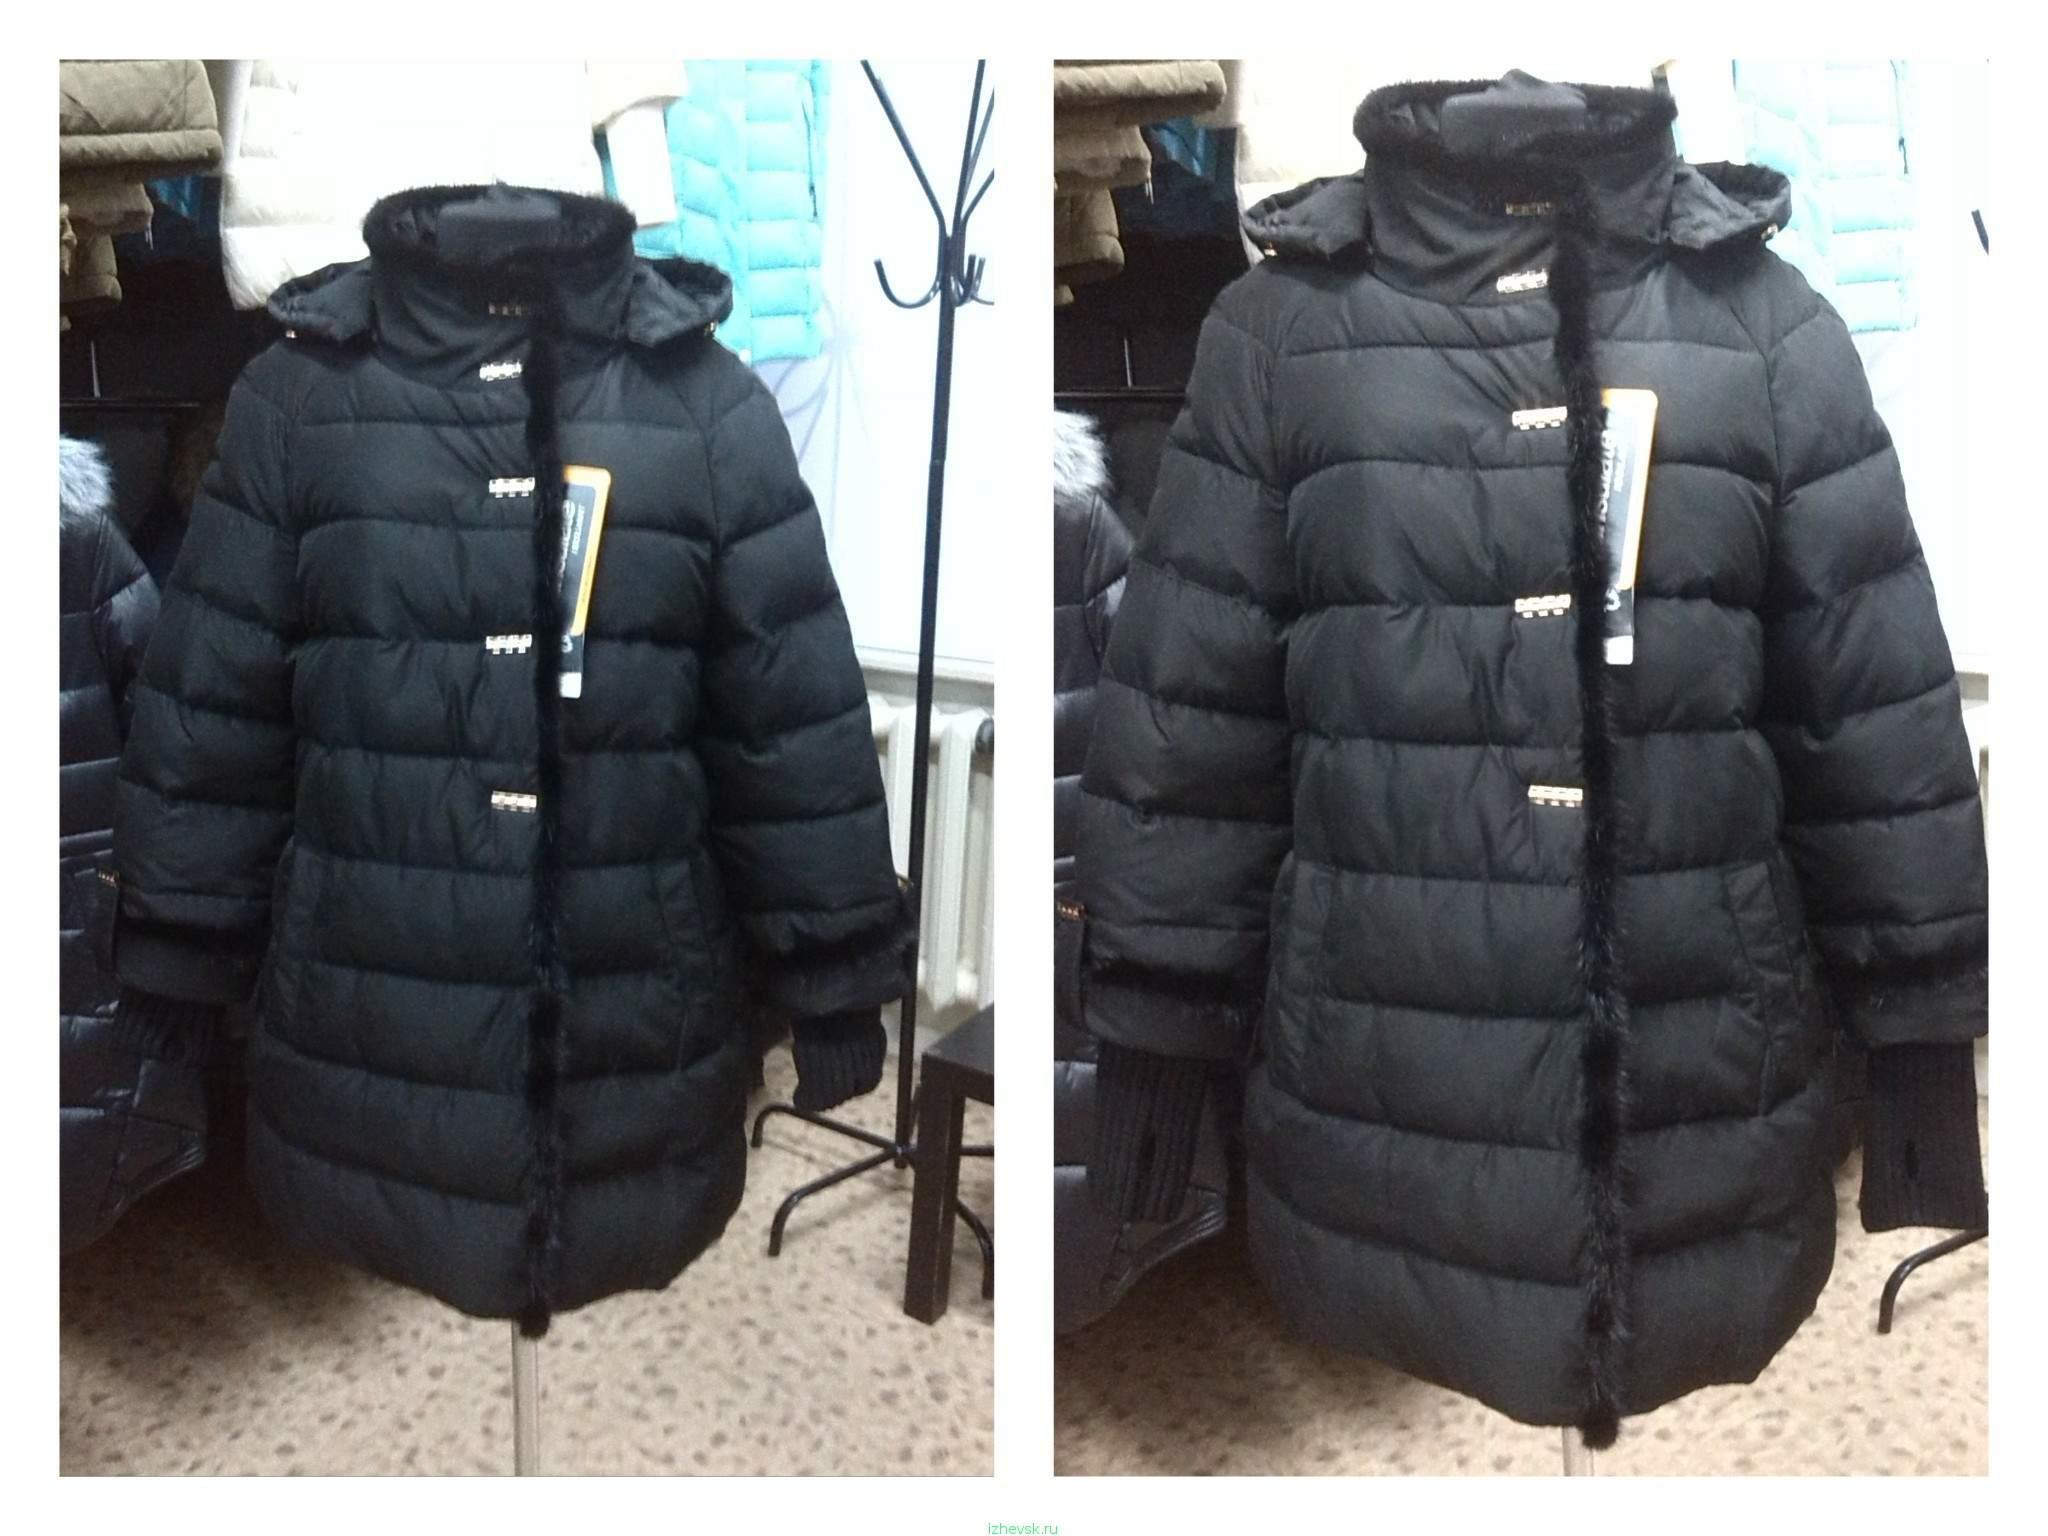 Купить Куртку Ижевск